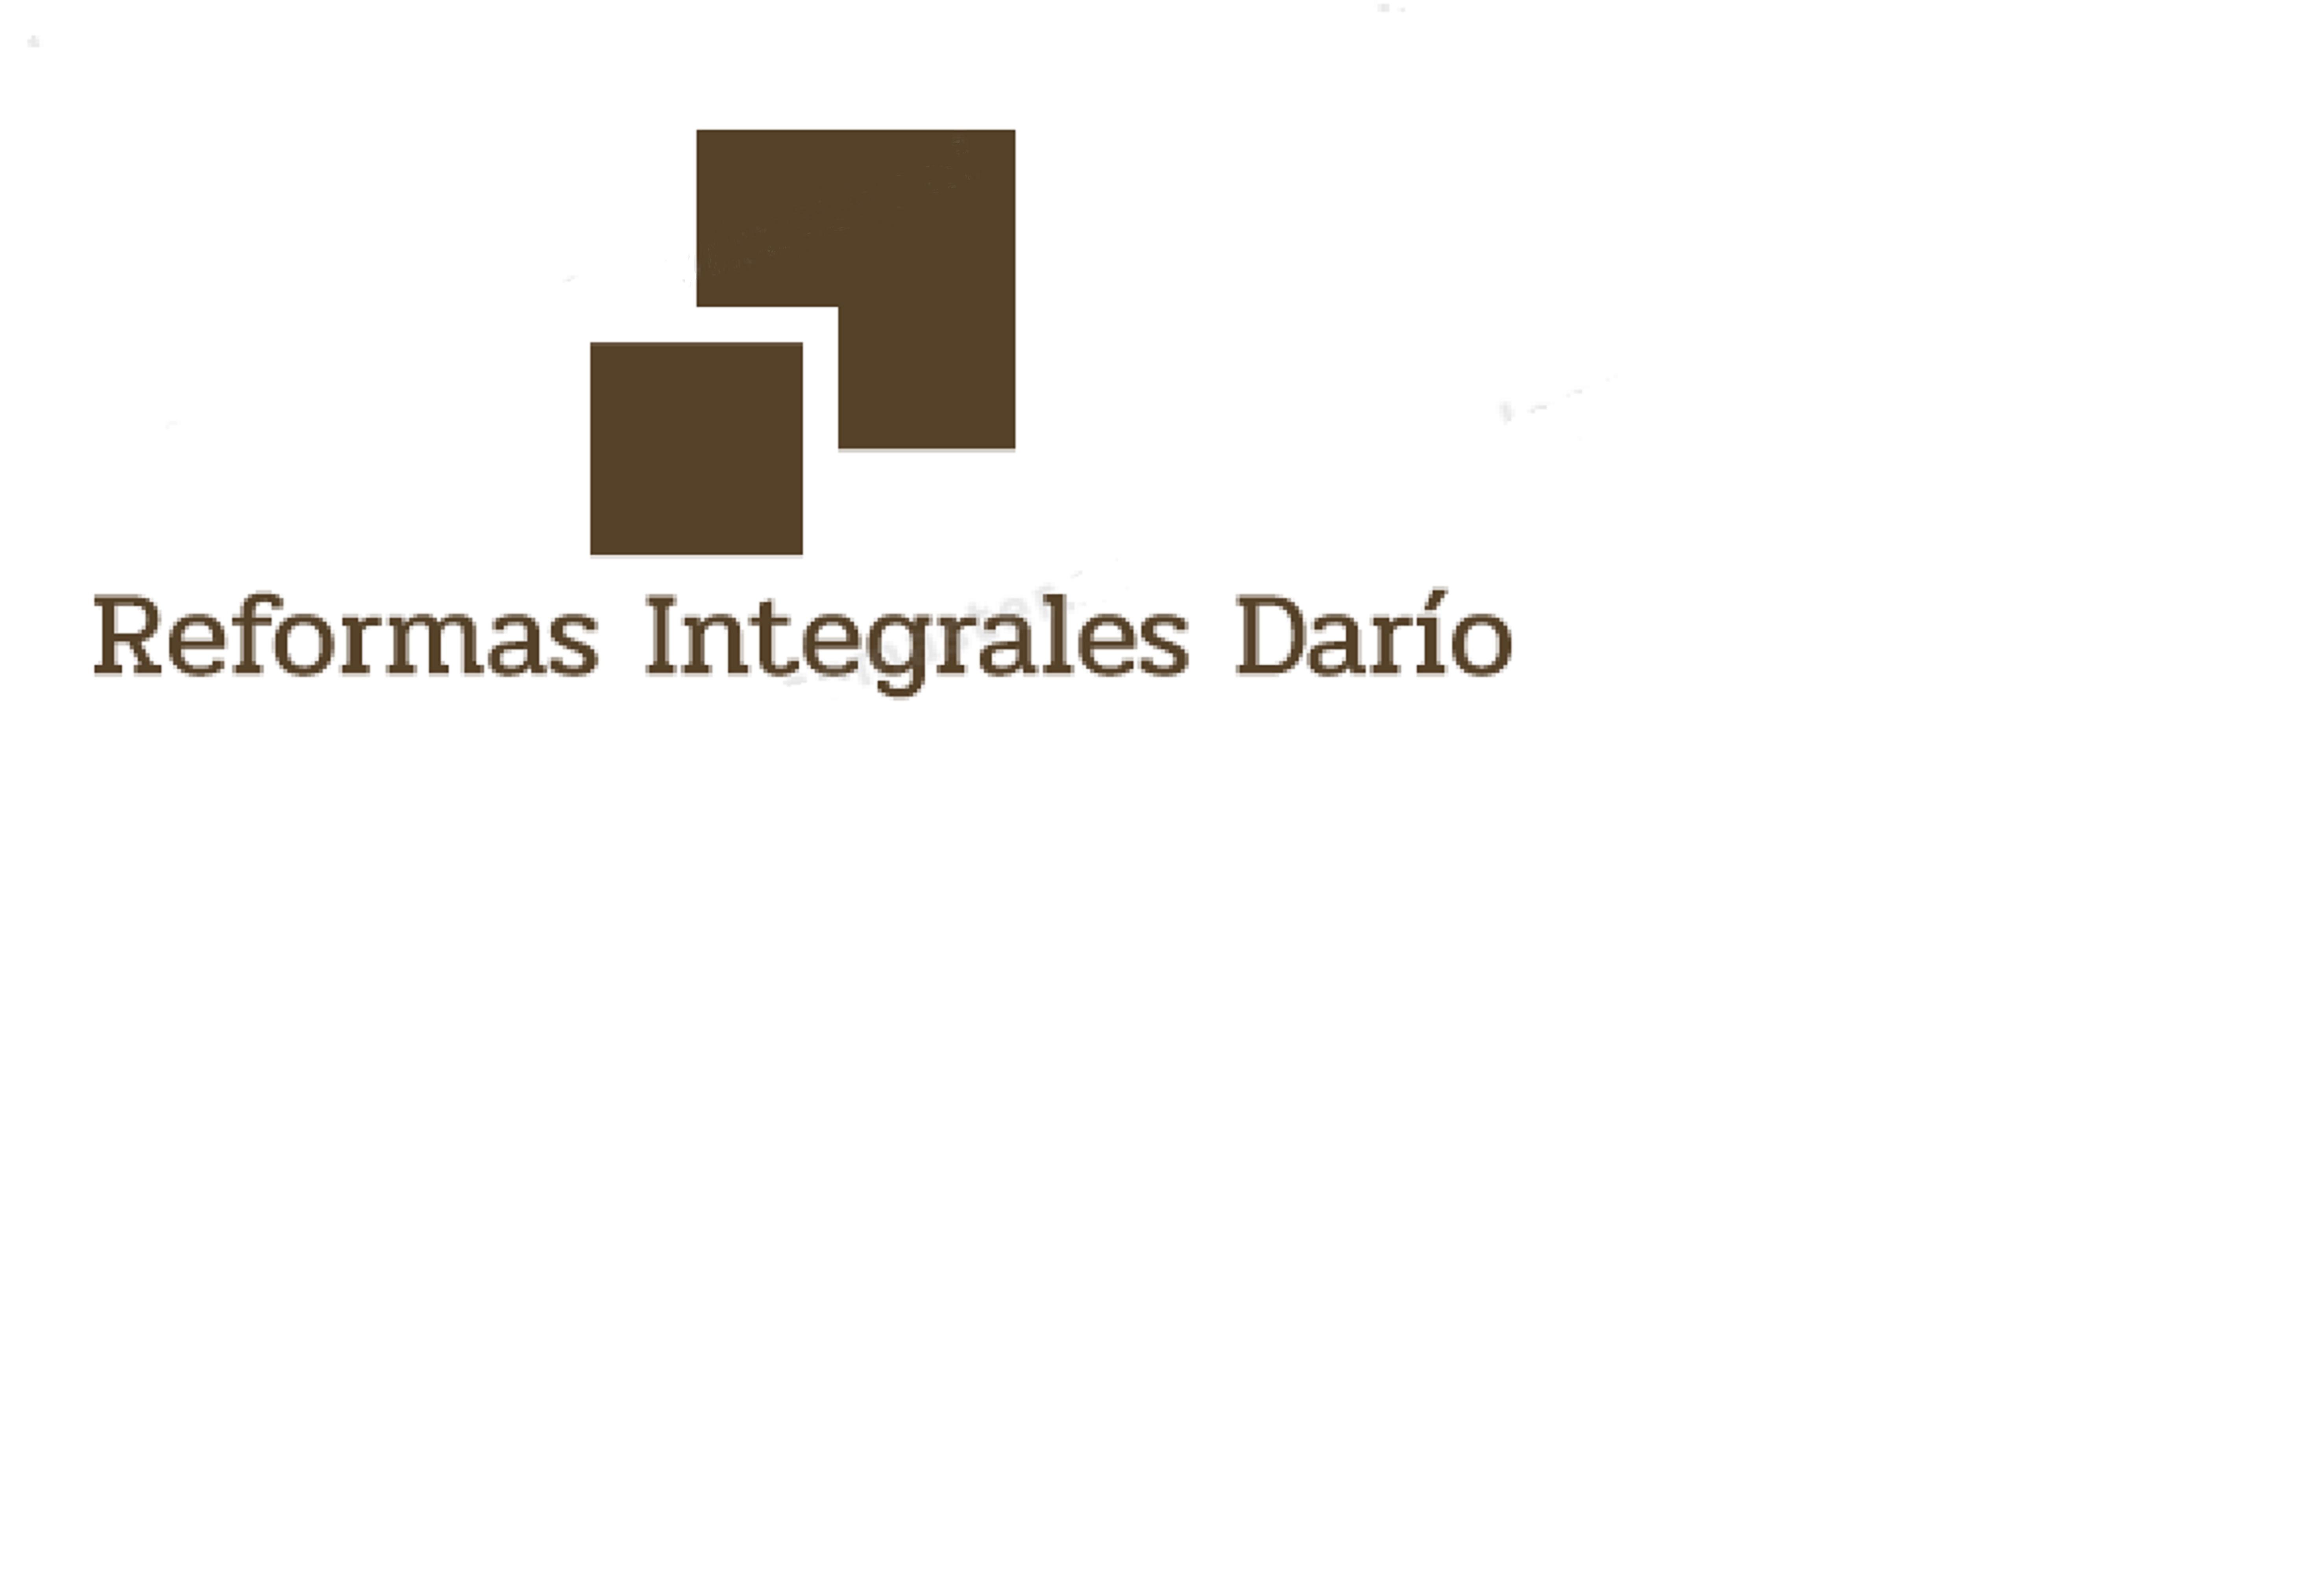 Reformas Integrales Dario